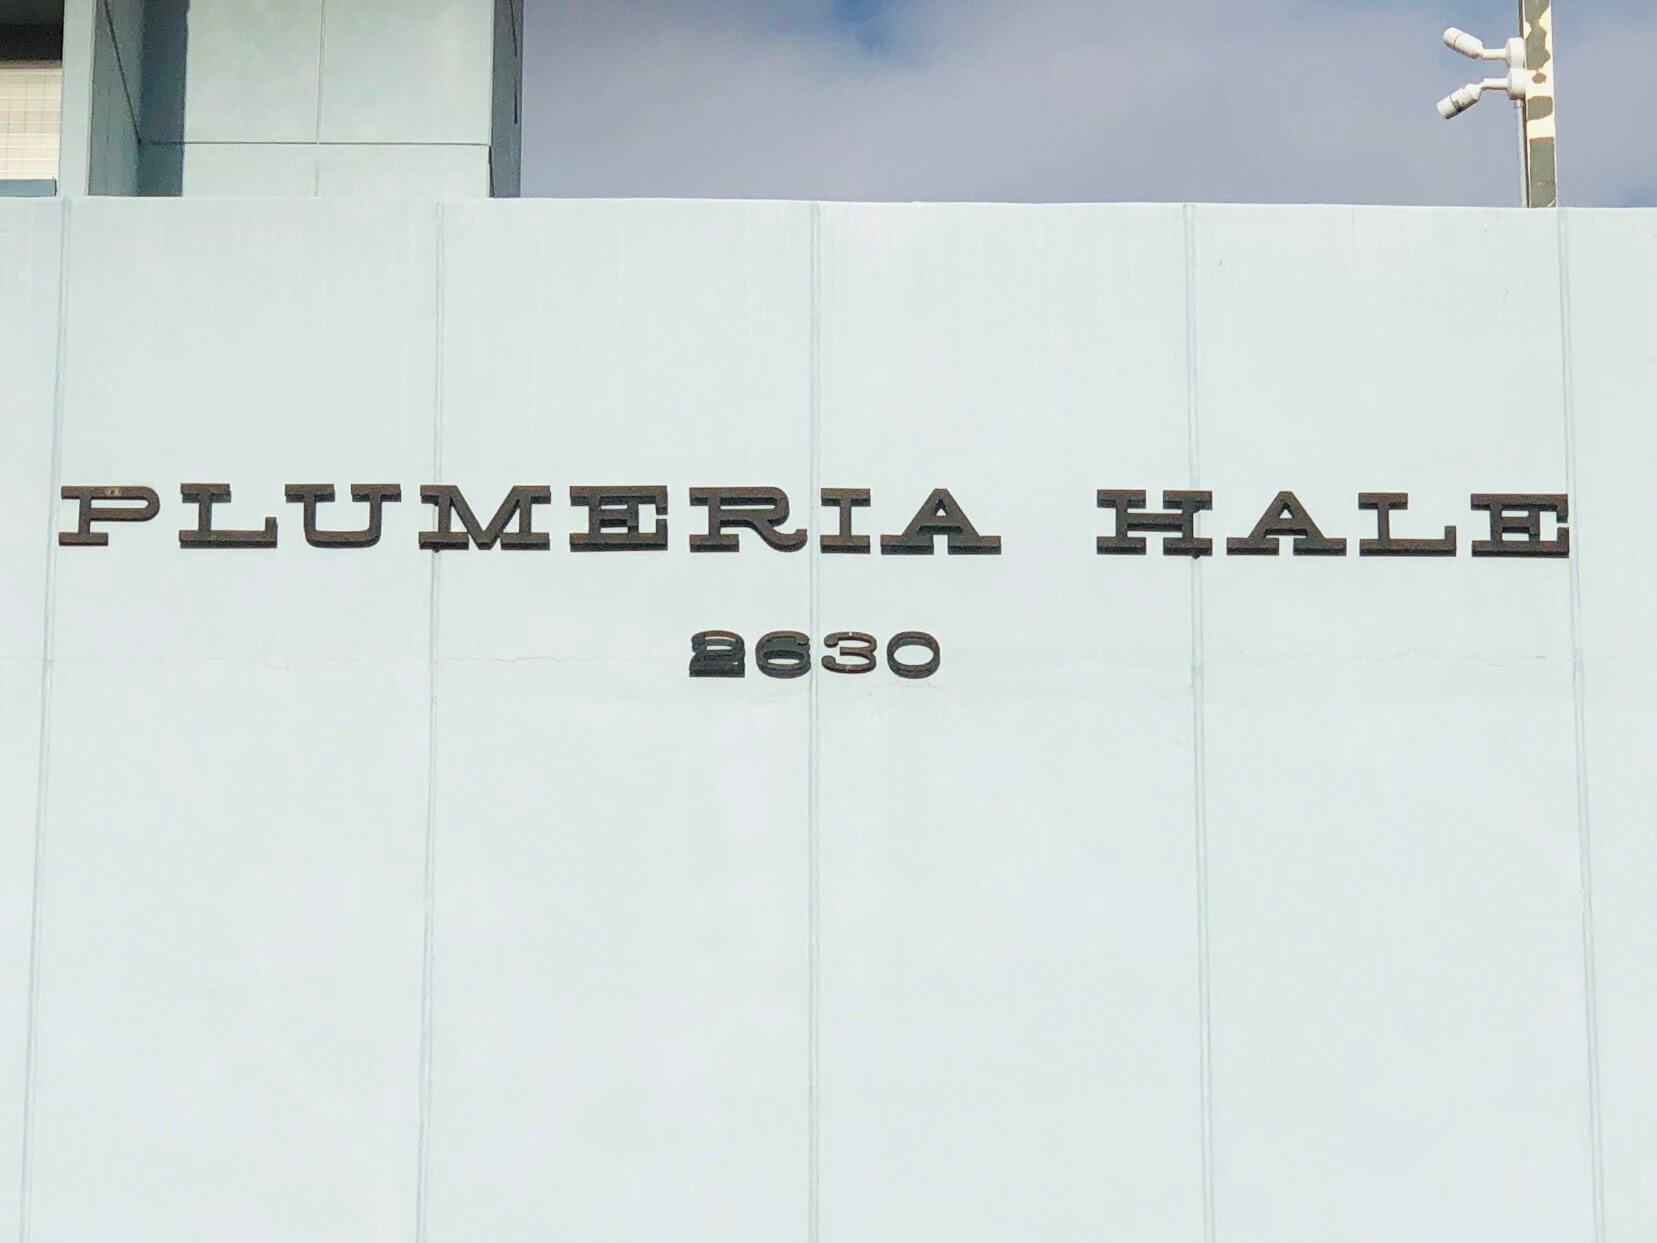 Plumeria Haleの看板